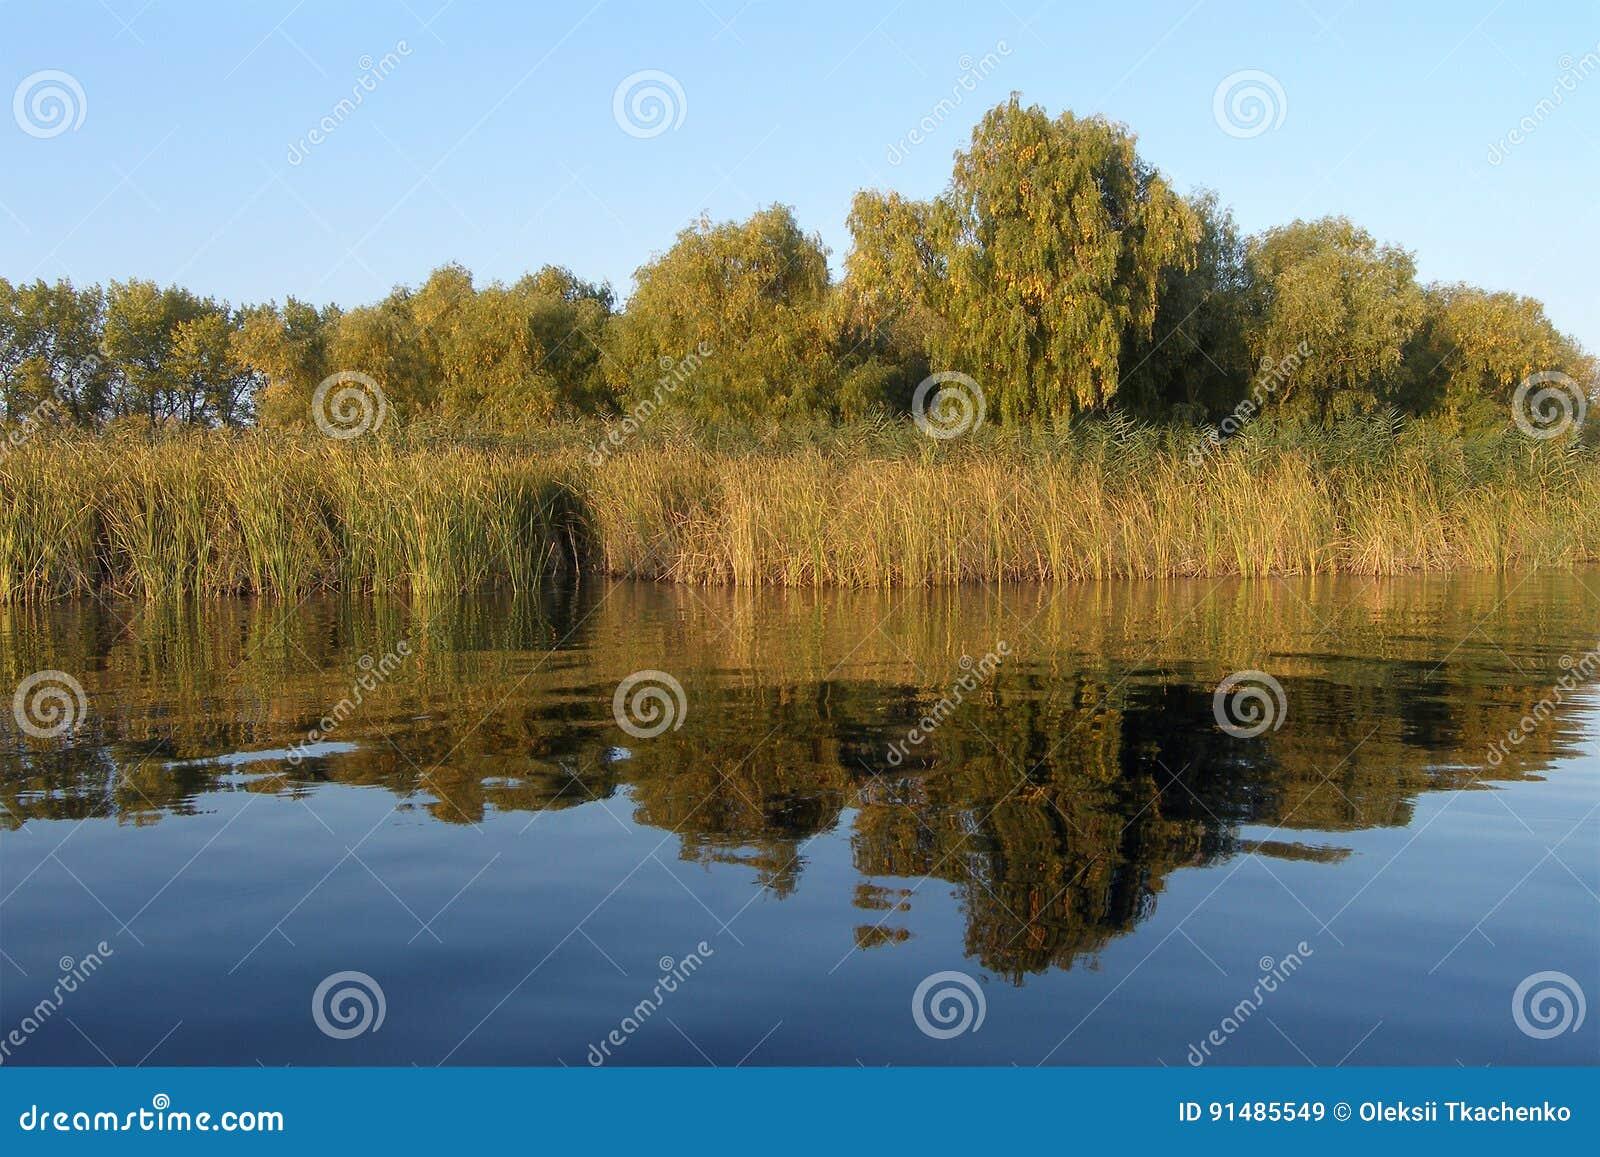 Côté de fleuve avec des arbres